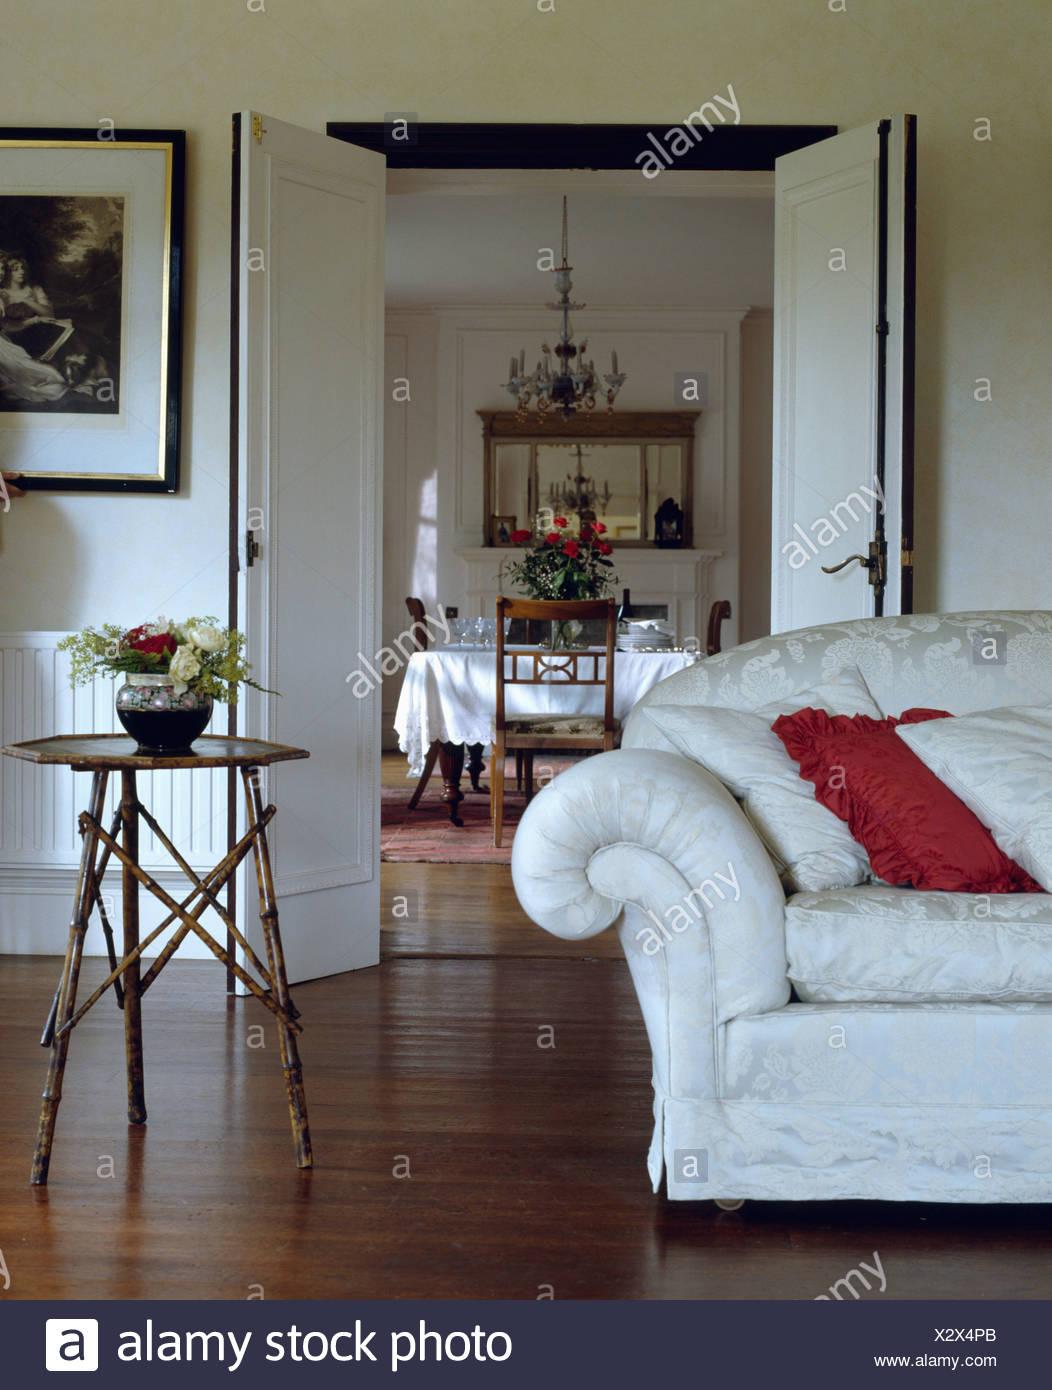 Full Size of Weißes Sofa Weies Und Kleinen Bambus Tisch In Wei Wohnzimmer Mit Halbrund Regal Abnehmbarer Bezug Baxter Landhausstil Grau Stoff Indomo Englisches Big Braun Sofa Weißes Sofa